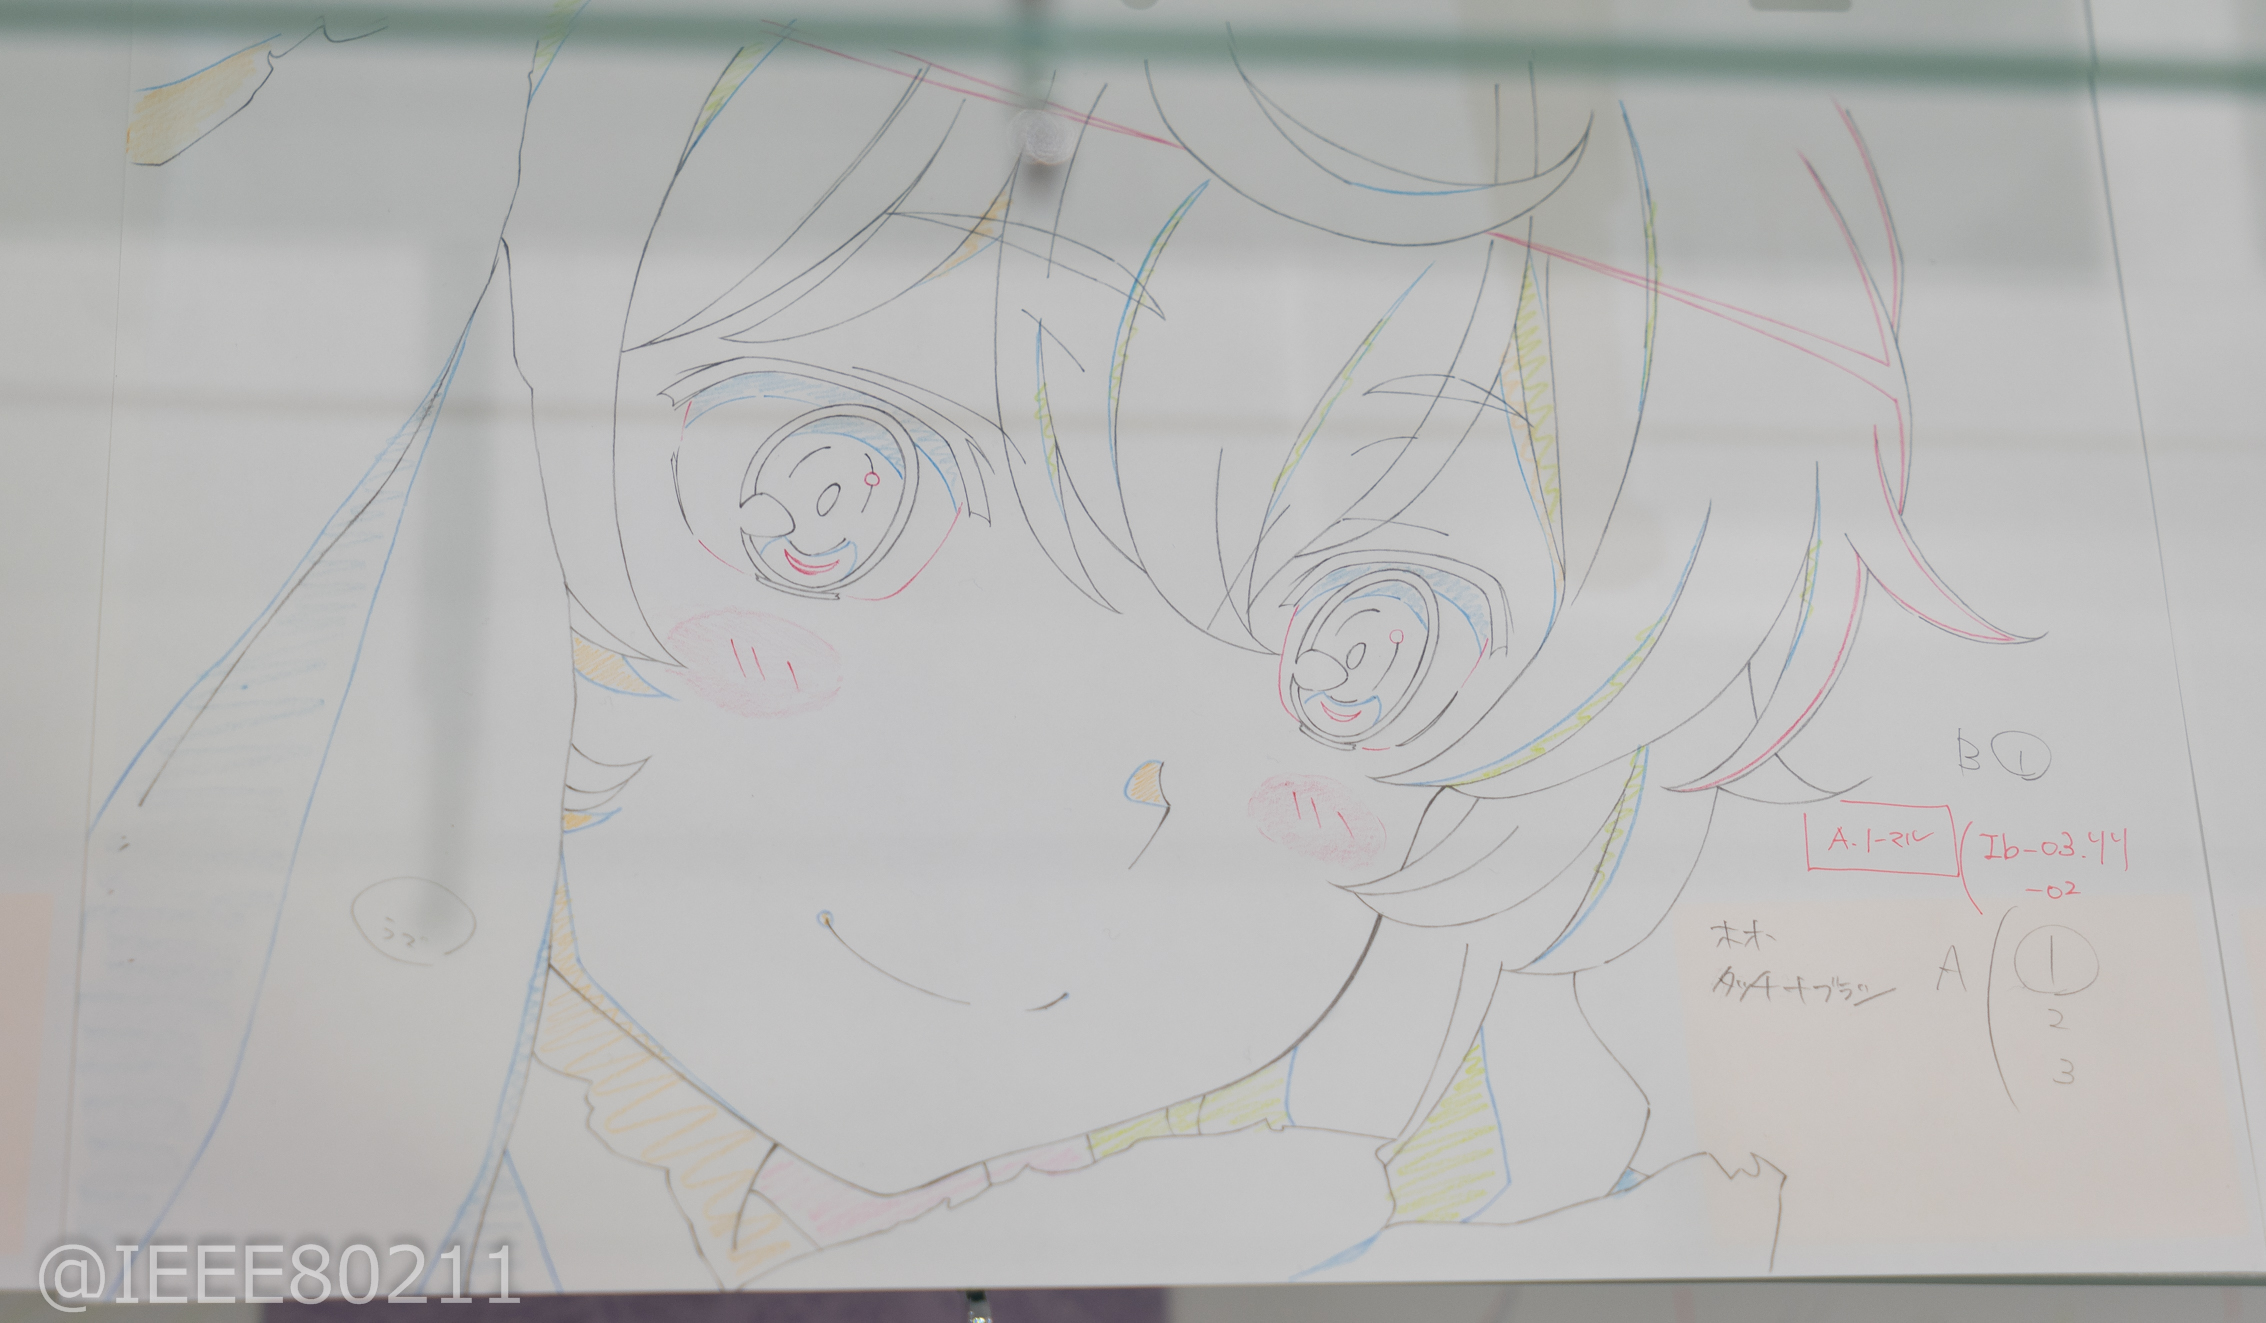 Dungeon ni Deai wo Motomeru no wa Machigatteiru Darou ka Danmachi Exhibition in Akiba Previewed 013